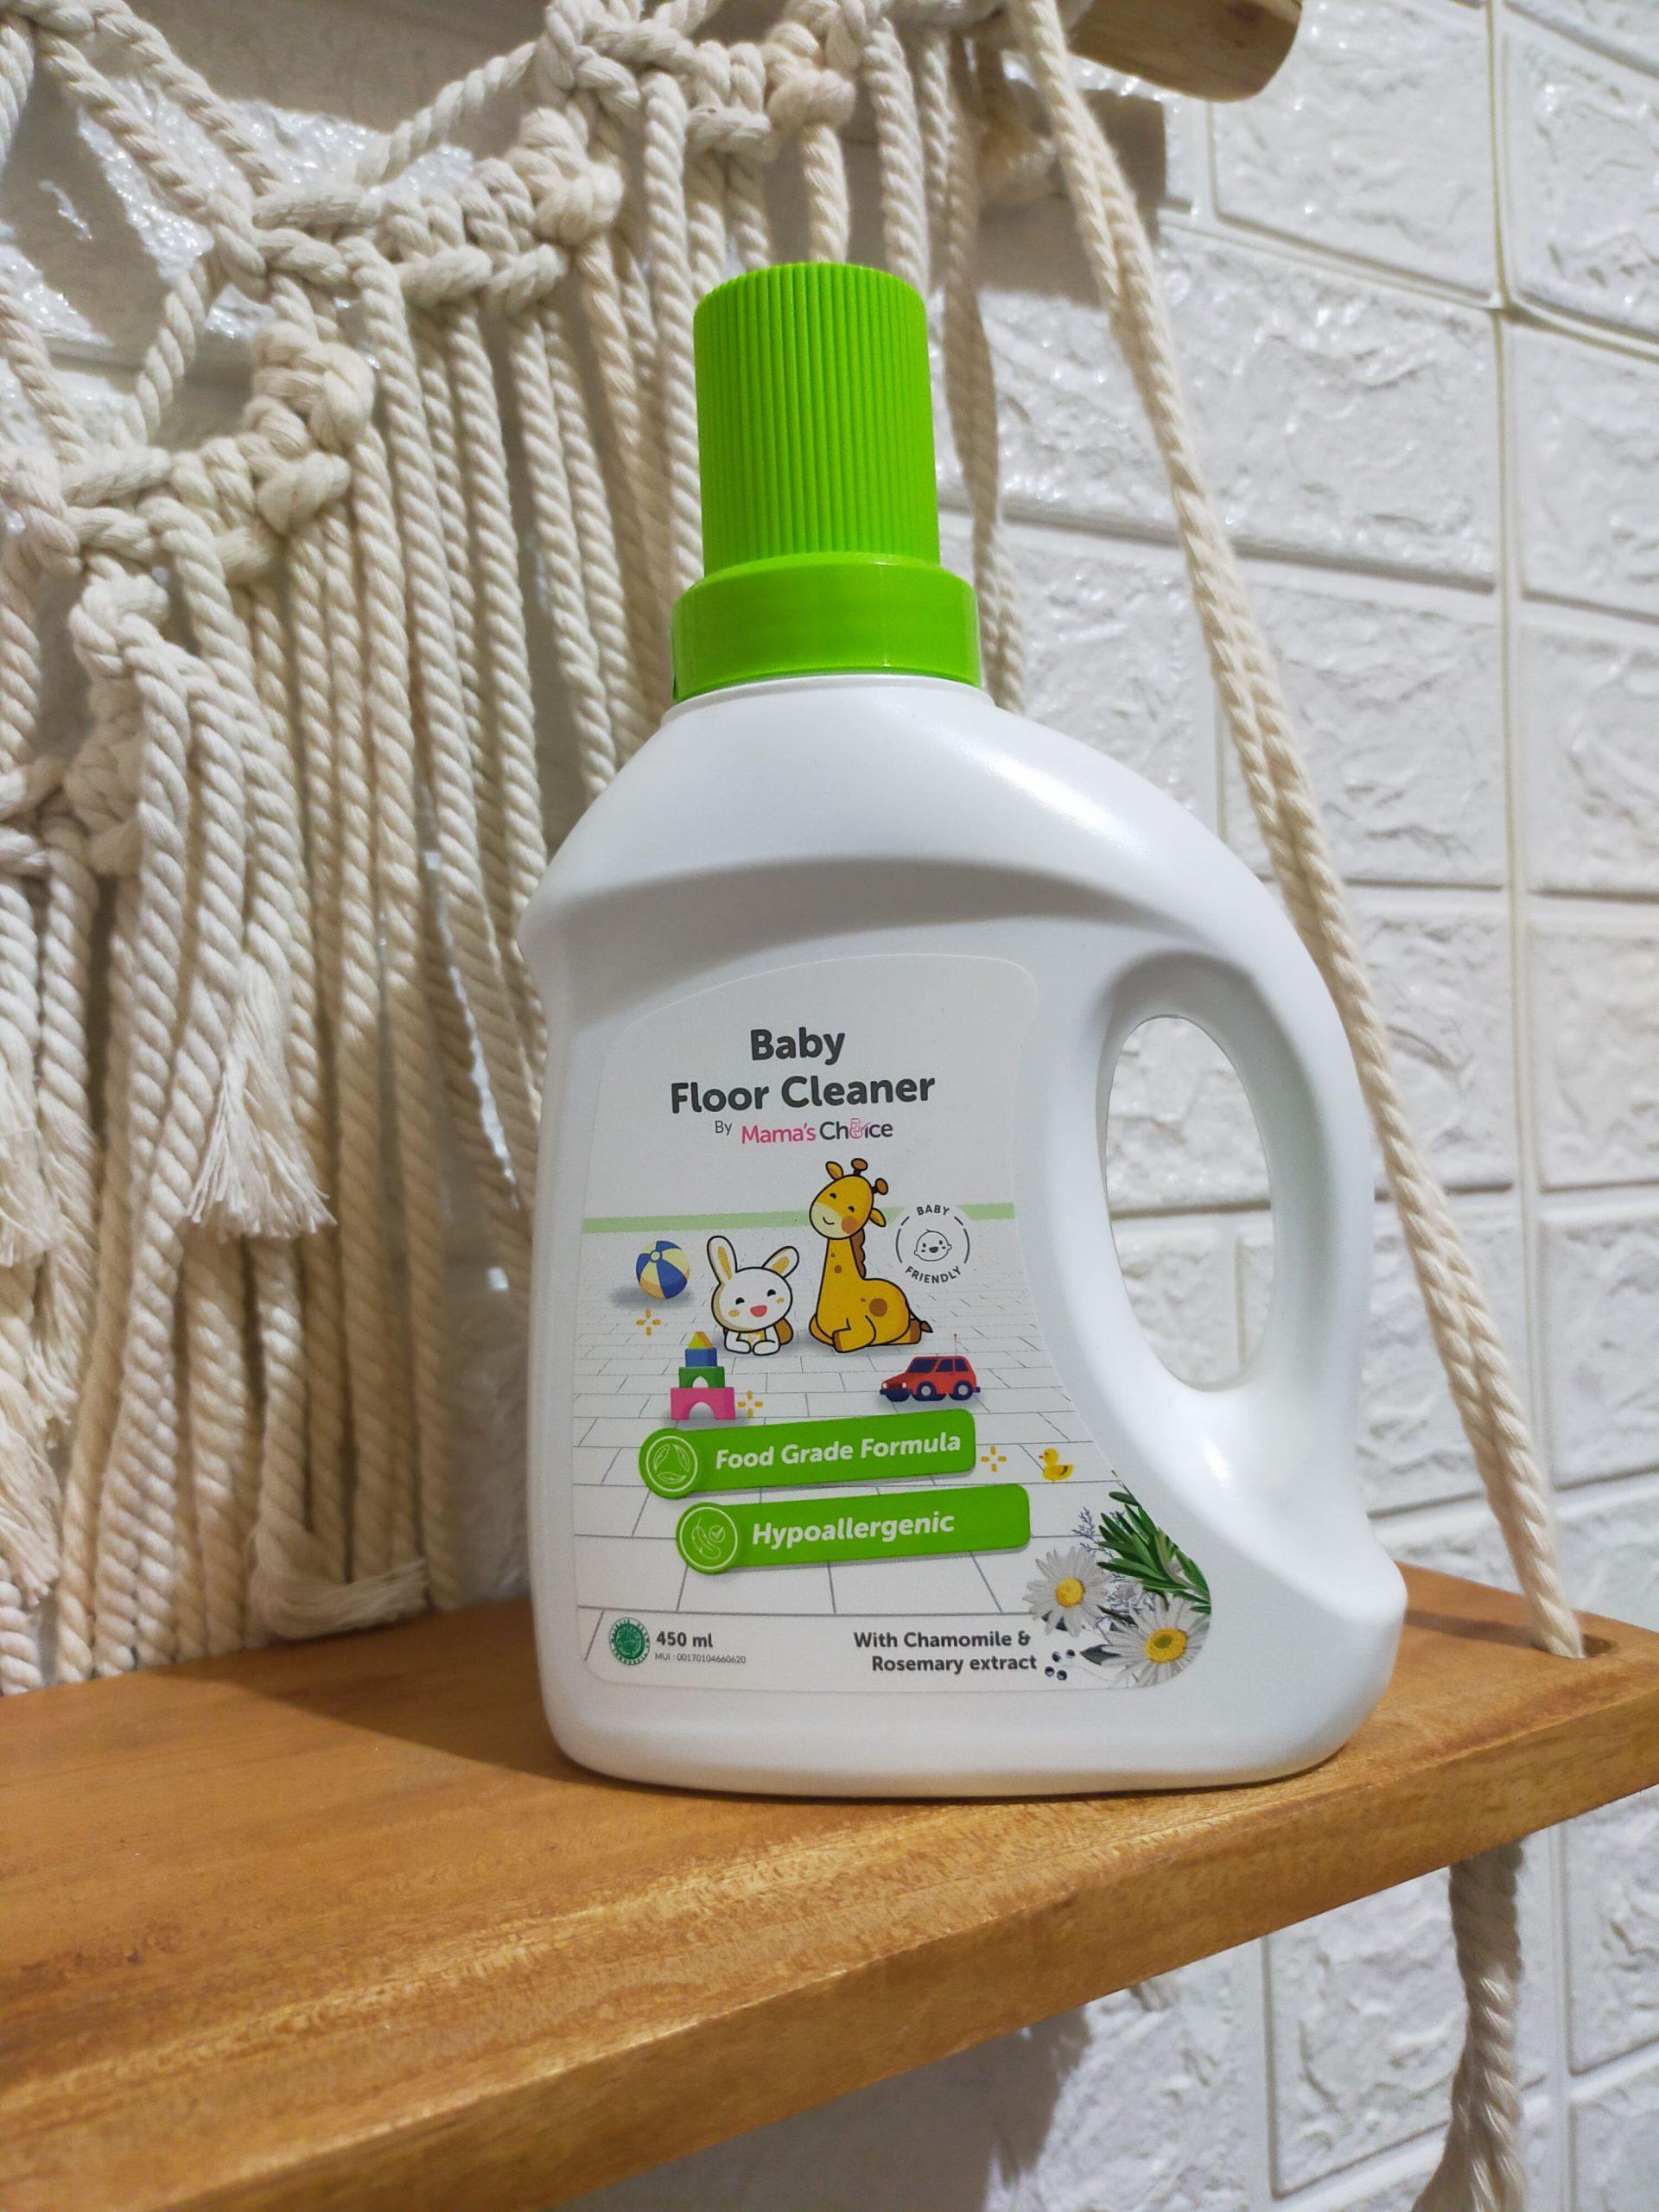 Lantai Bersih Bebas Kuman dan Bakteri Dengan Mama's Choice Baby Floor Cleaner, Anak-anak Bebas Bermain Seharian di Lantai